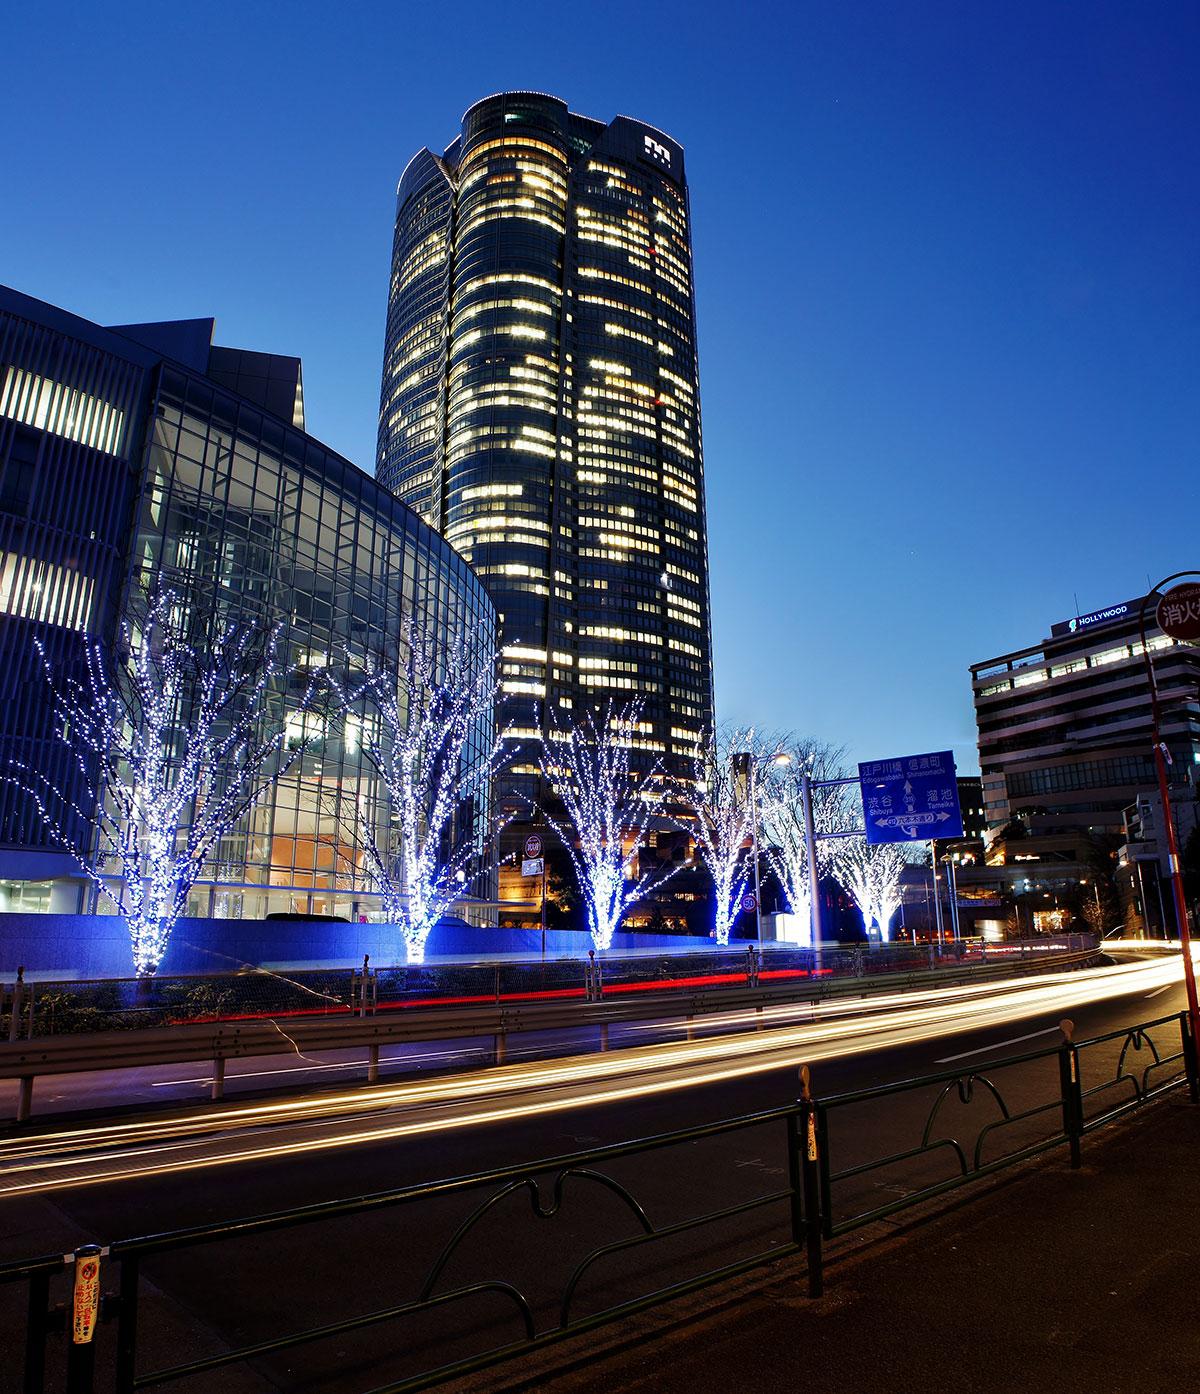 tokyo-illuminations-4